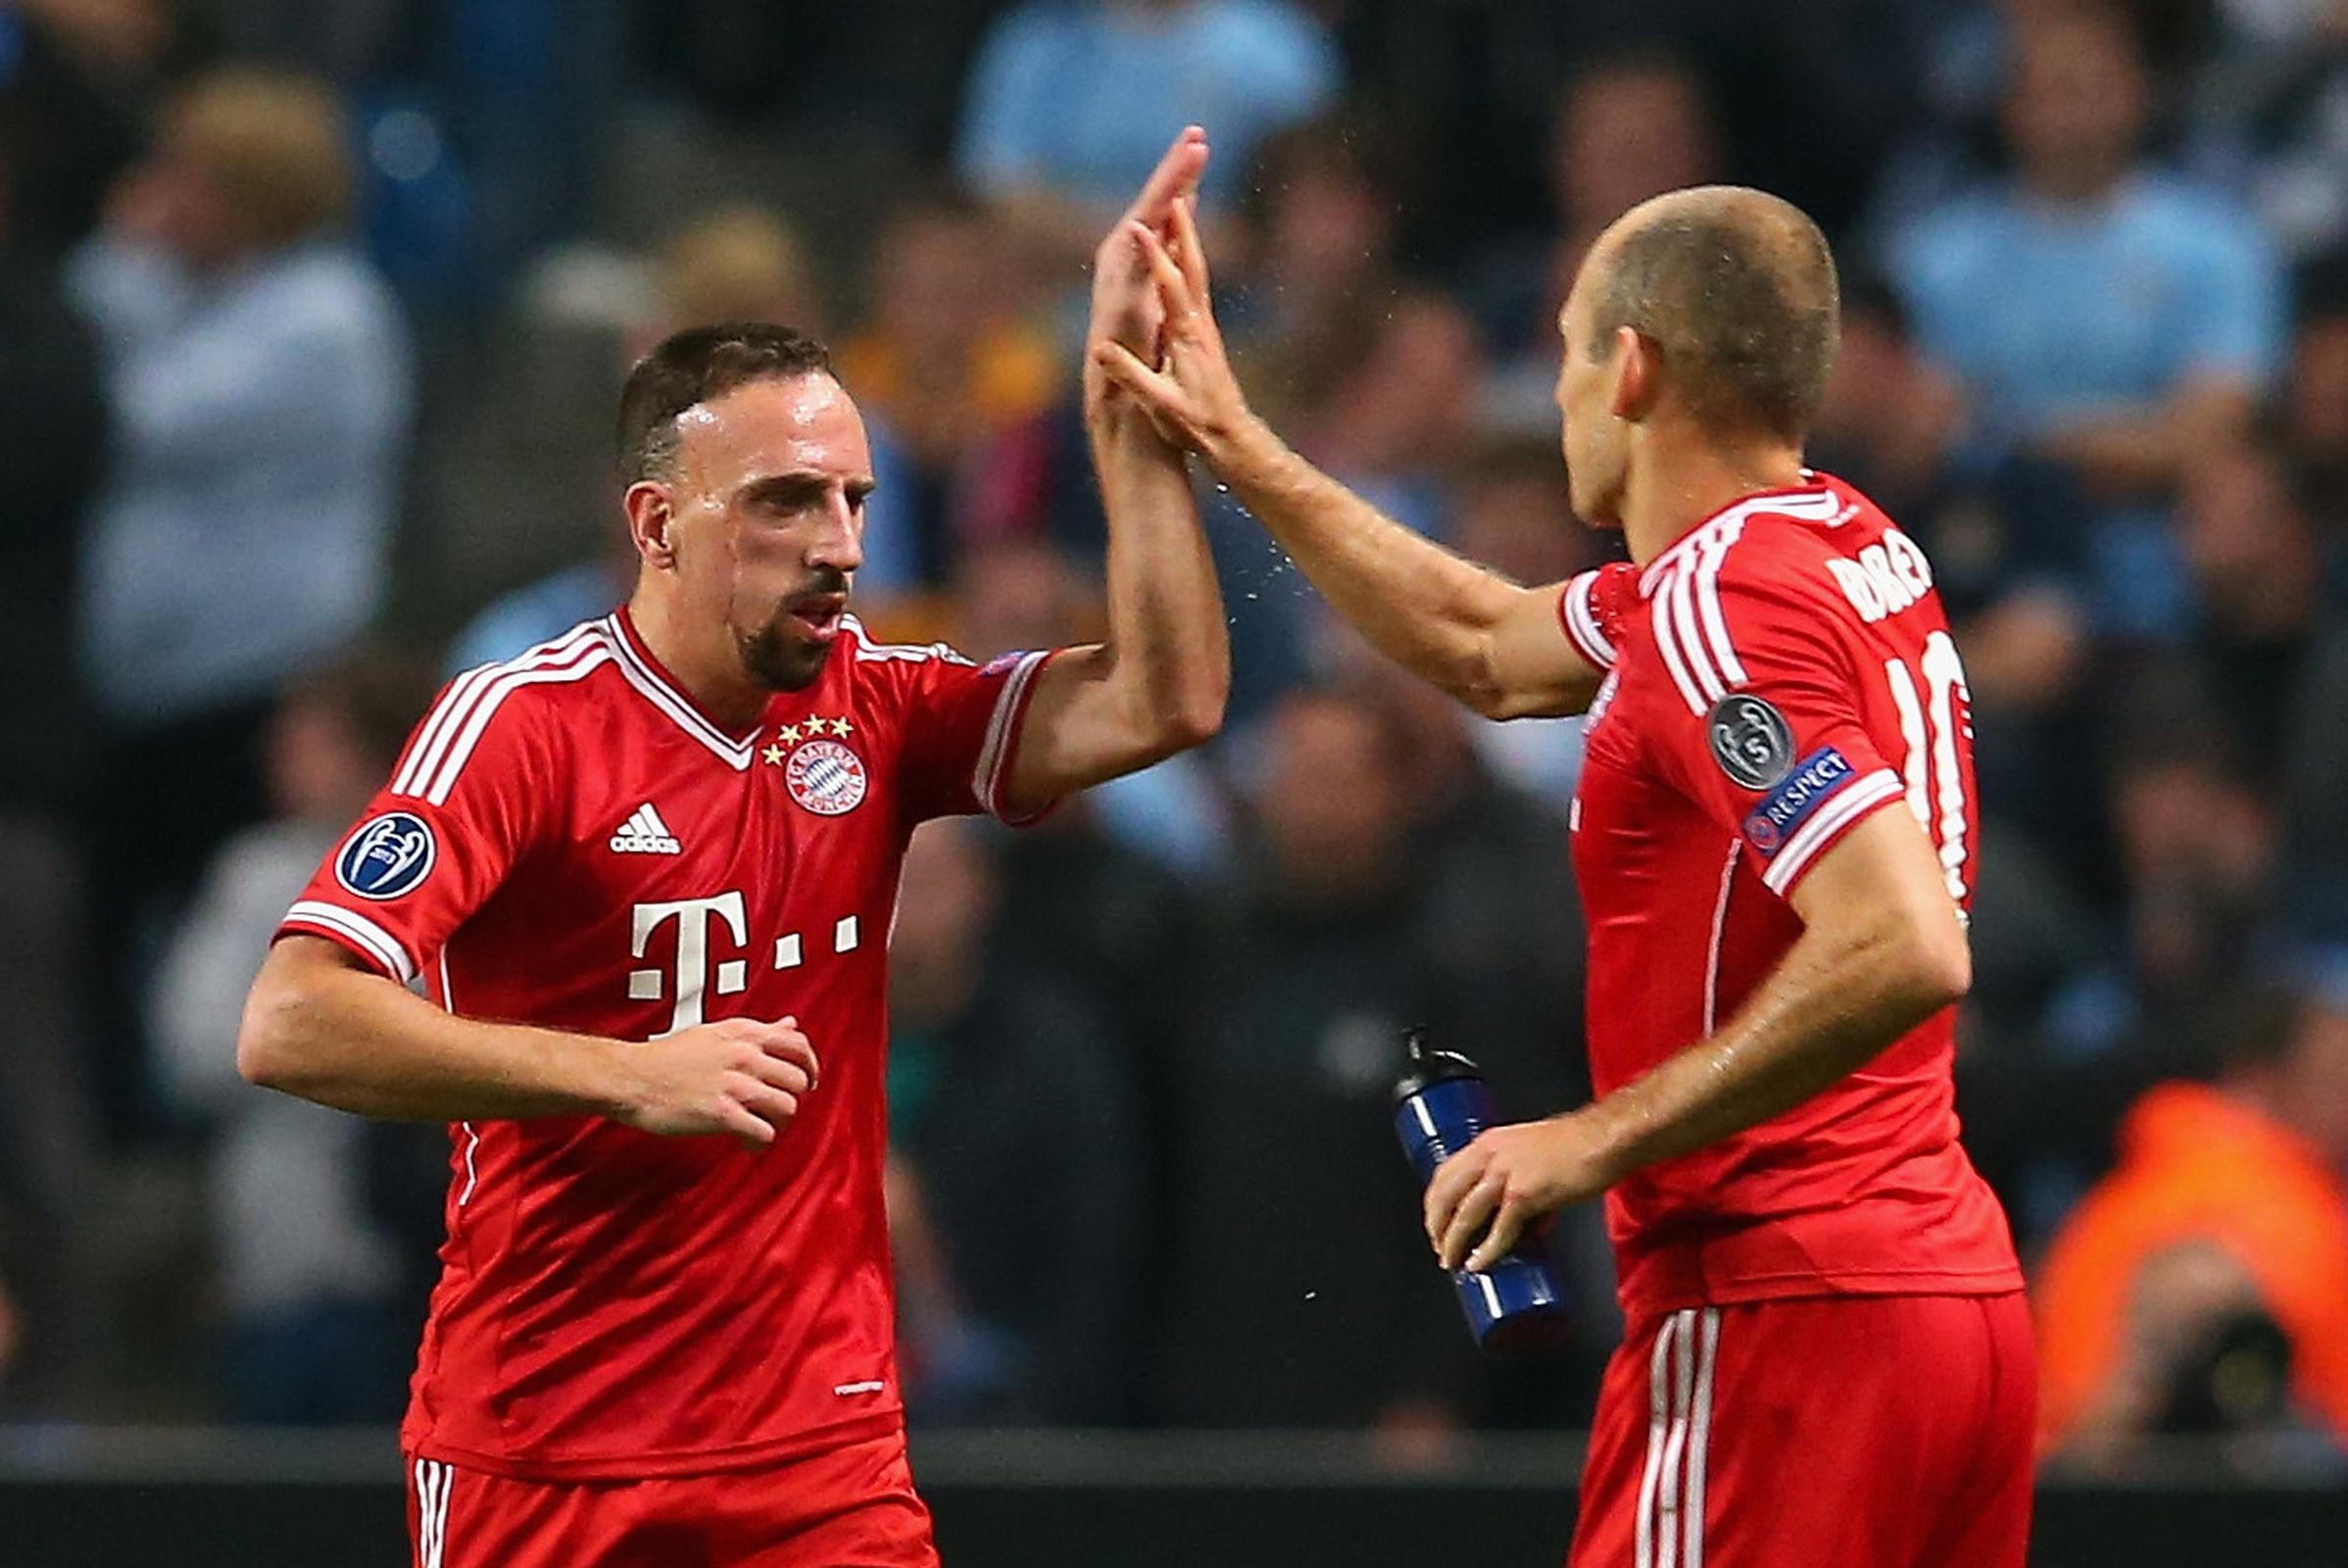 Khoảng trống mà Ribery và Robben để lại không hề nhỏ.